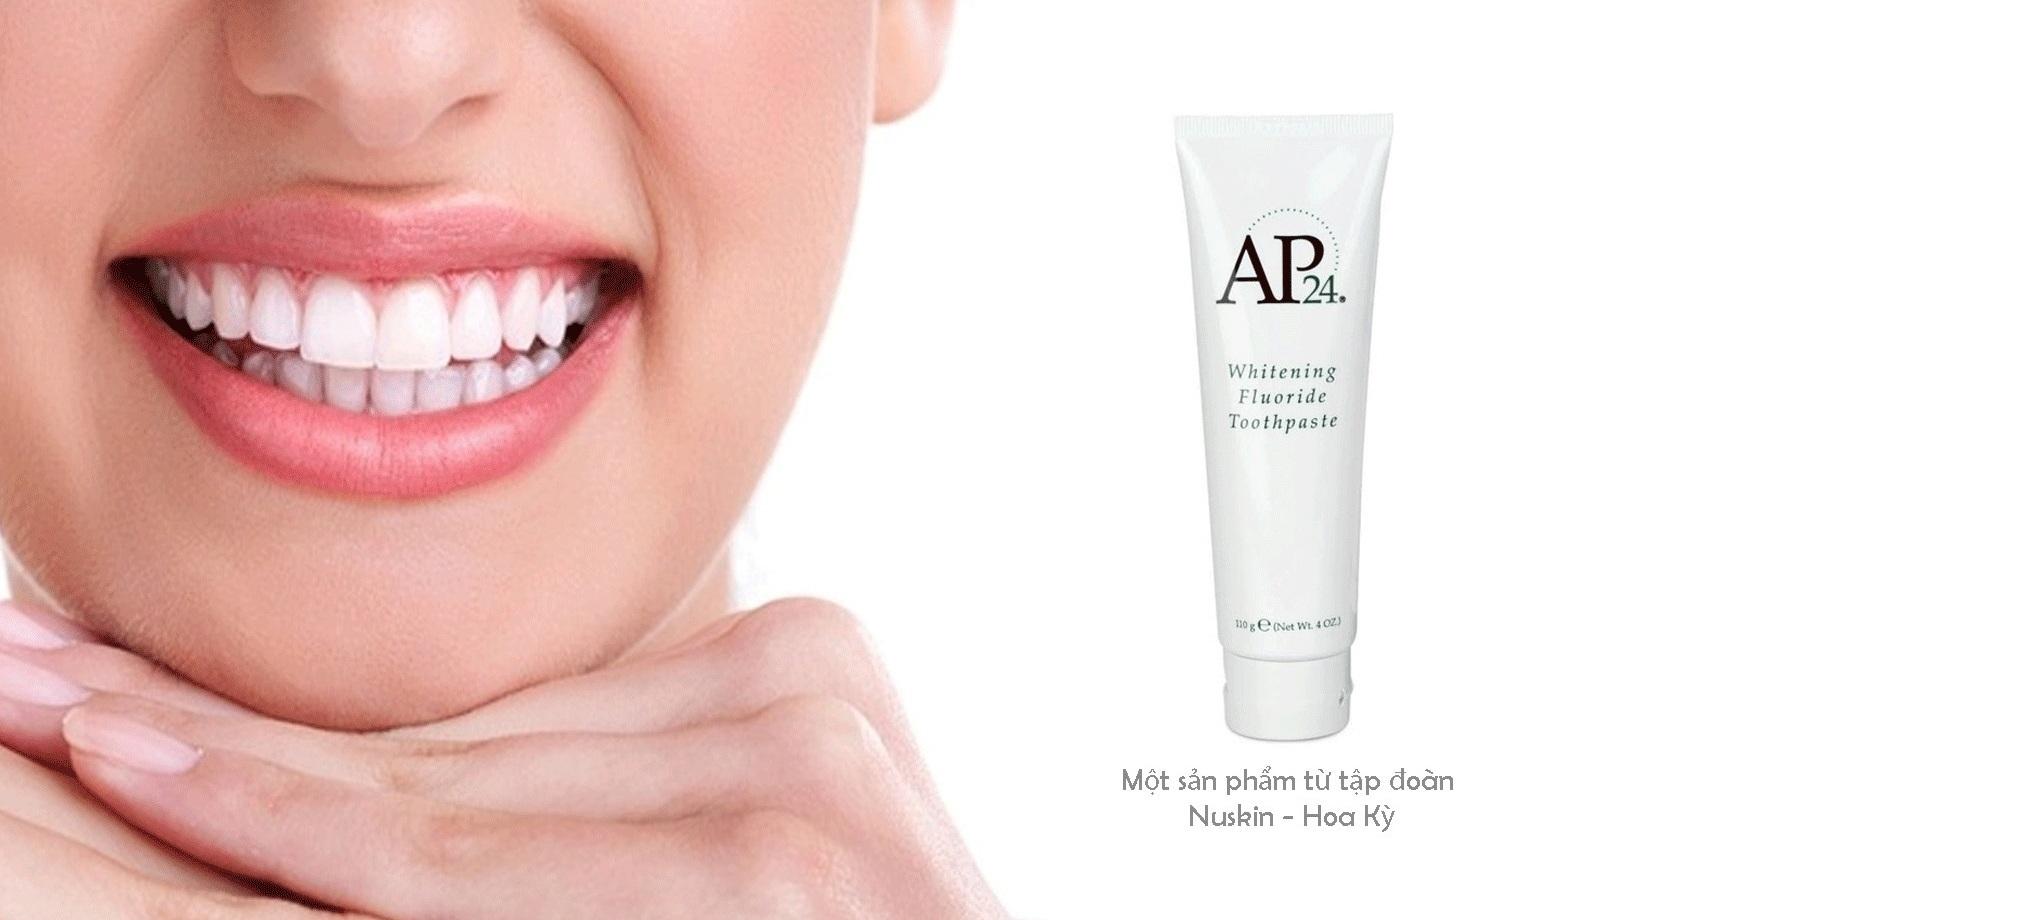 kem-danh-rang-AP24 ads